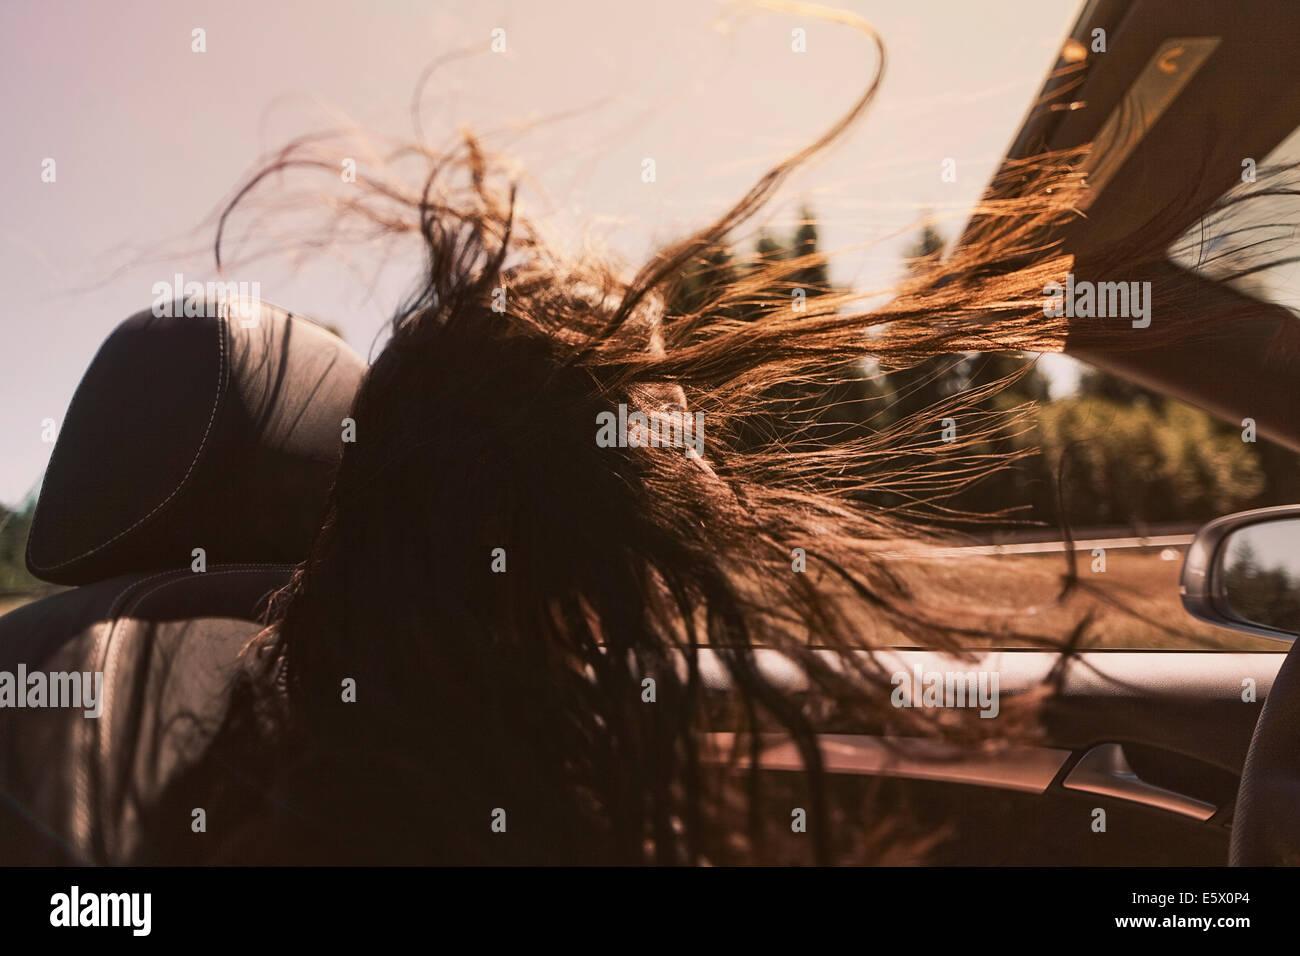 Metà donna adulta convertibile di pilotaggio con capelli lunghi soffiando nel vento Immagini Stock